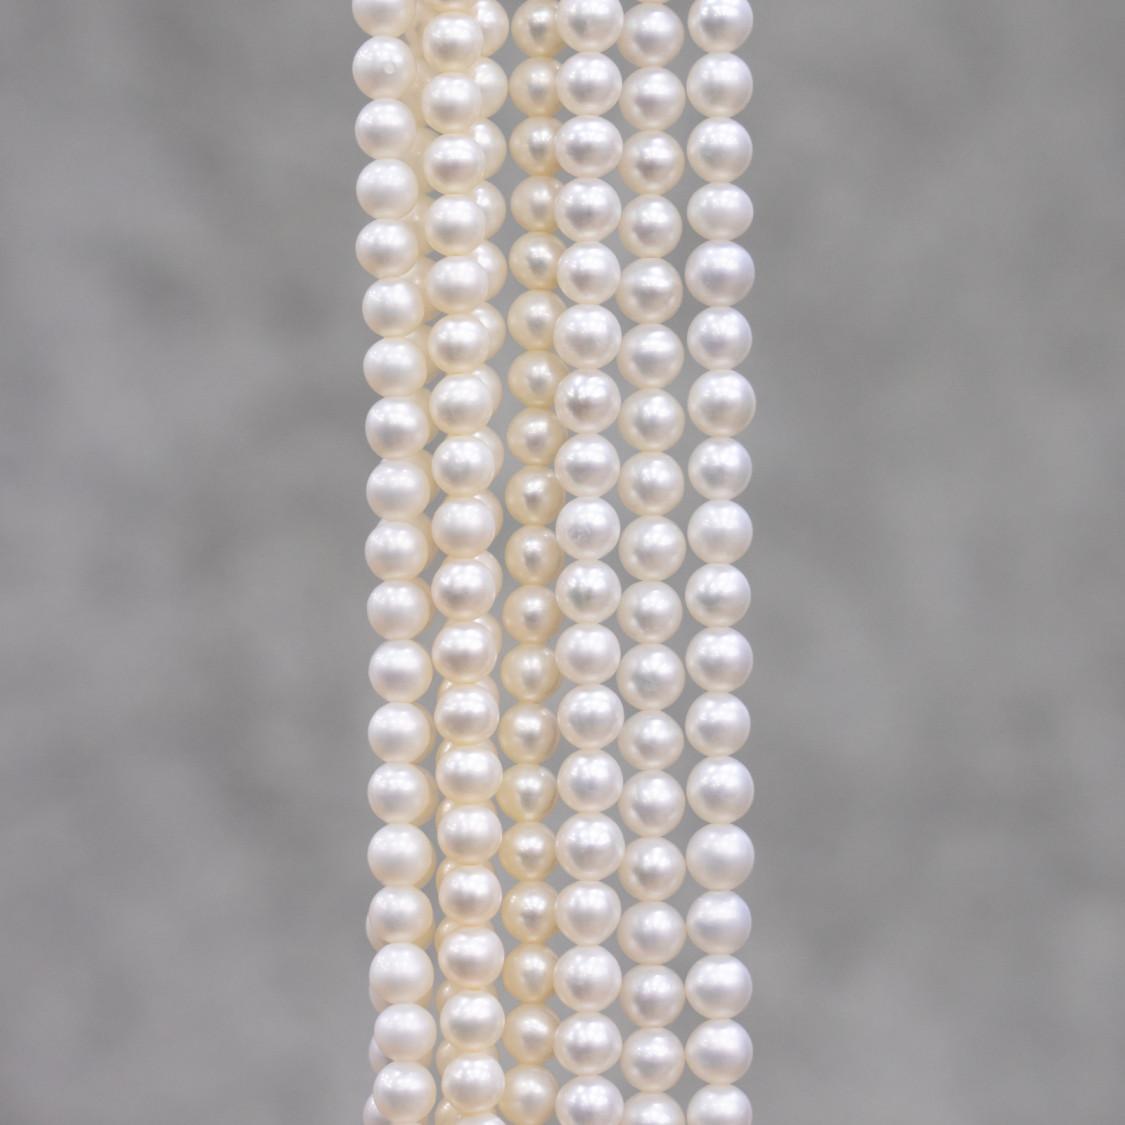 Perle Di Fiume Cipolline 6,0-6,5mm A Bianco 100 FILI